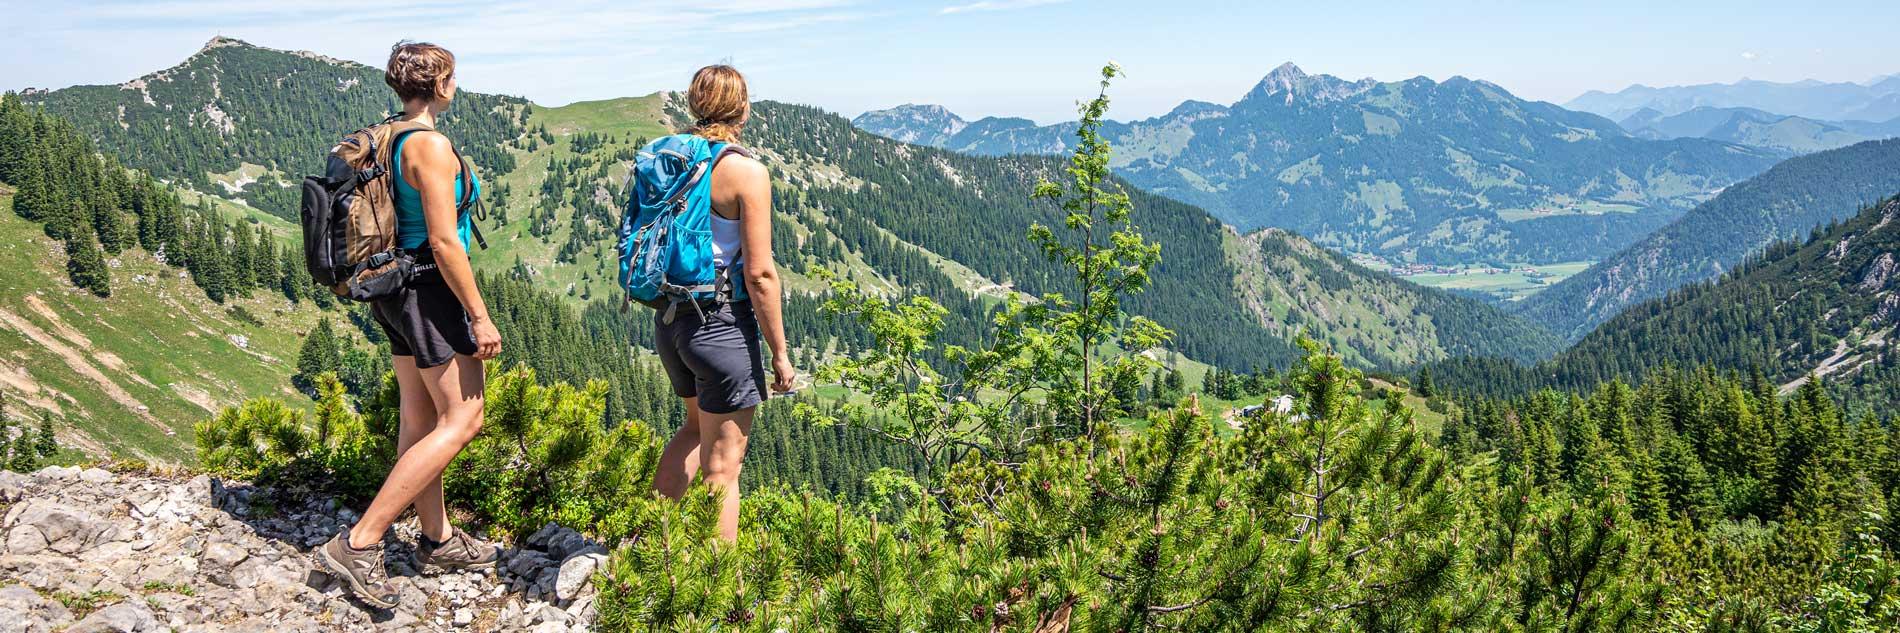 Seeheimat Aktivitäten Sommer Wanden am Taubenstein